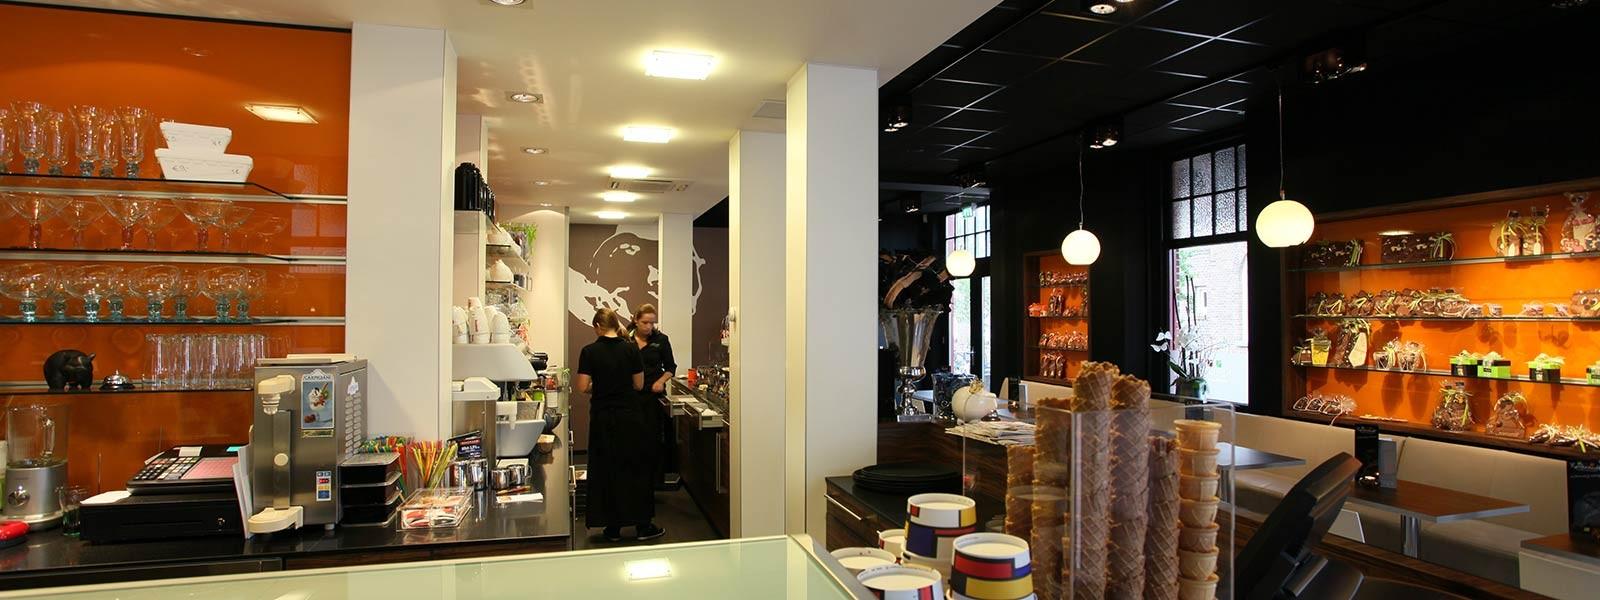 Rembrandt IJssalon Chocolaterie, Boxmeer